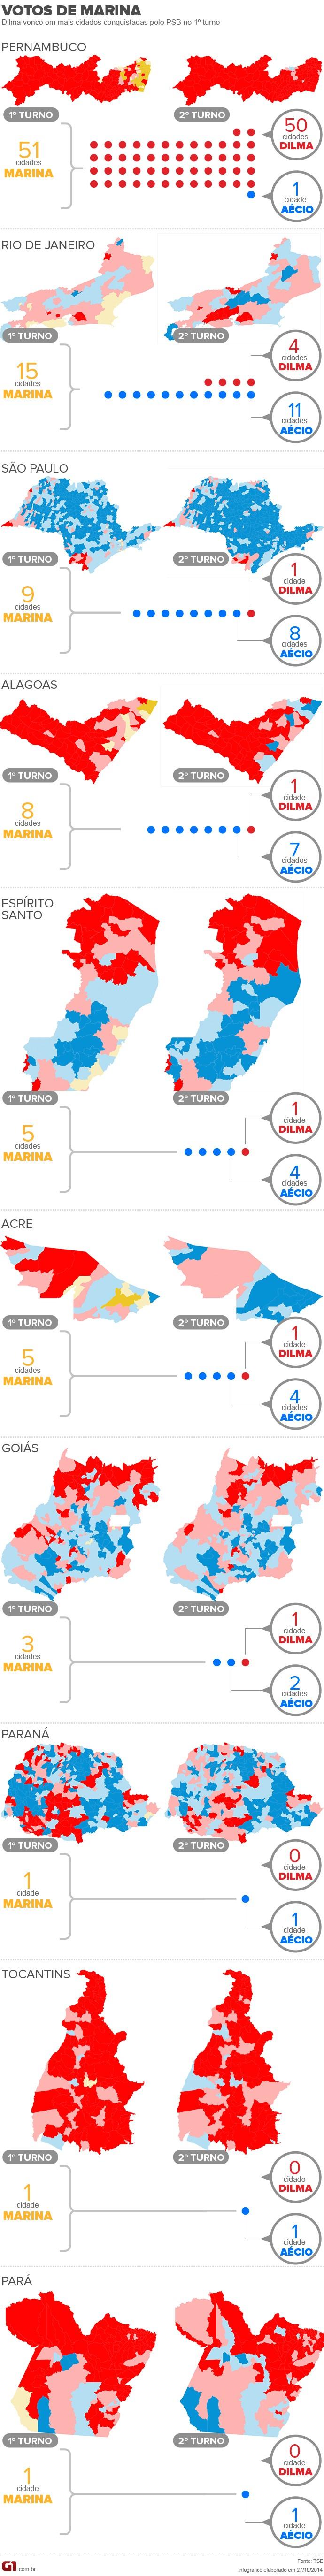 mapa votos marina